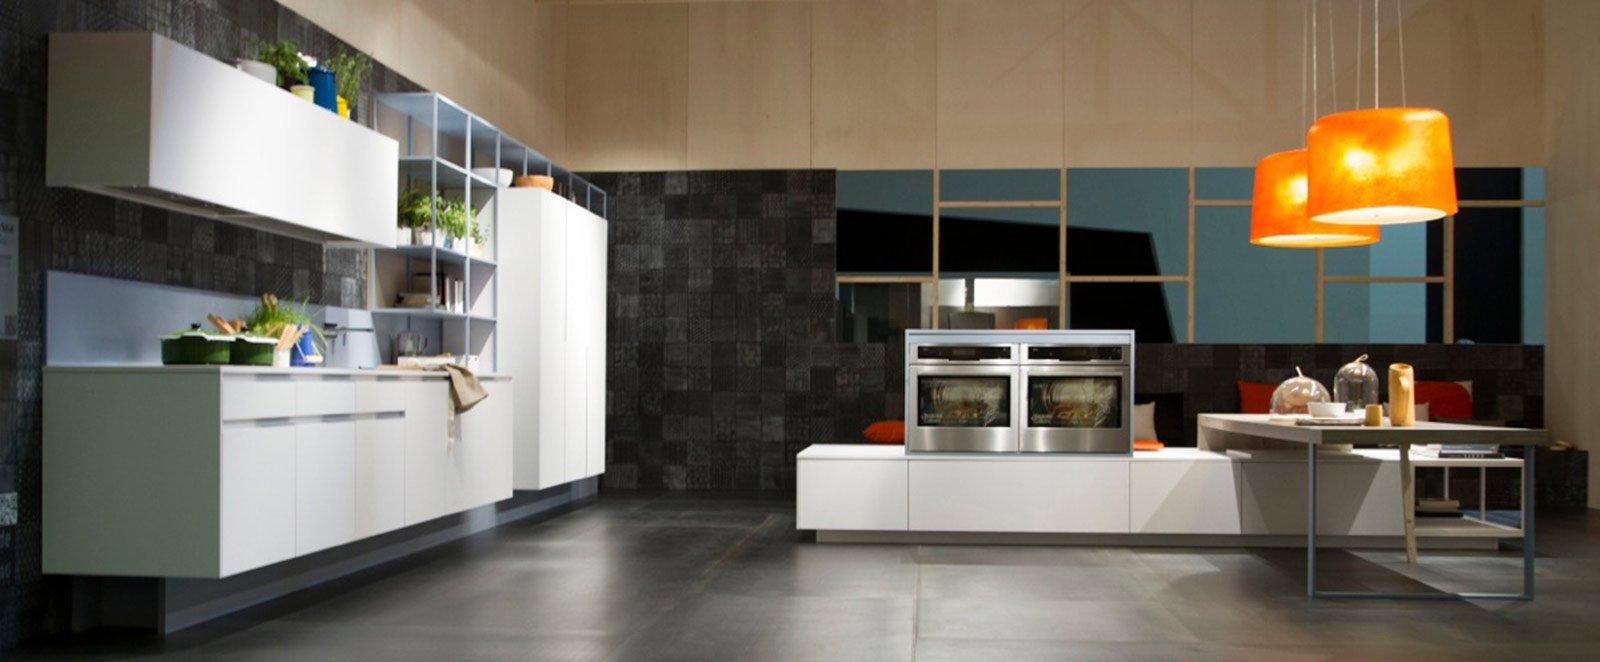 Cucine bianche moderne cose di casa - Cucine da 10000 euro ...